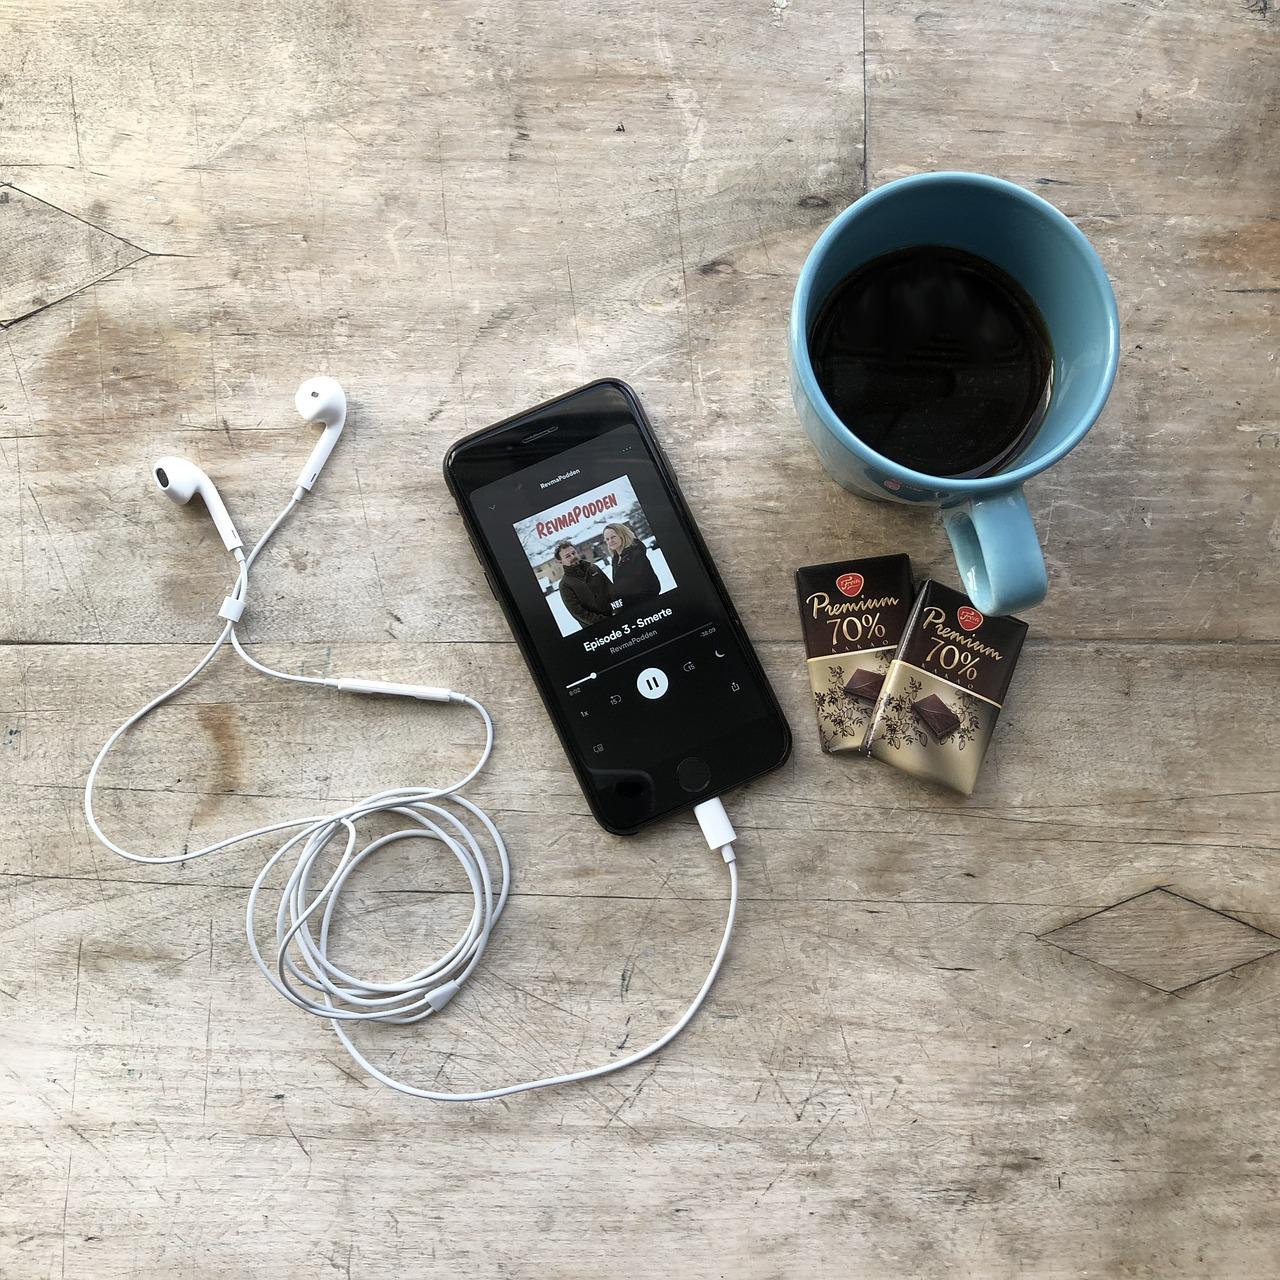 decargar musica celular